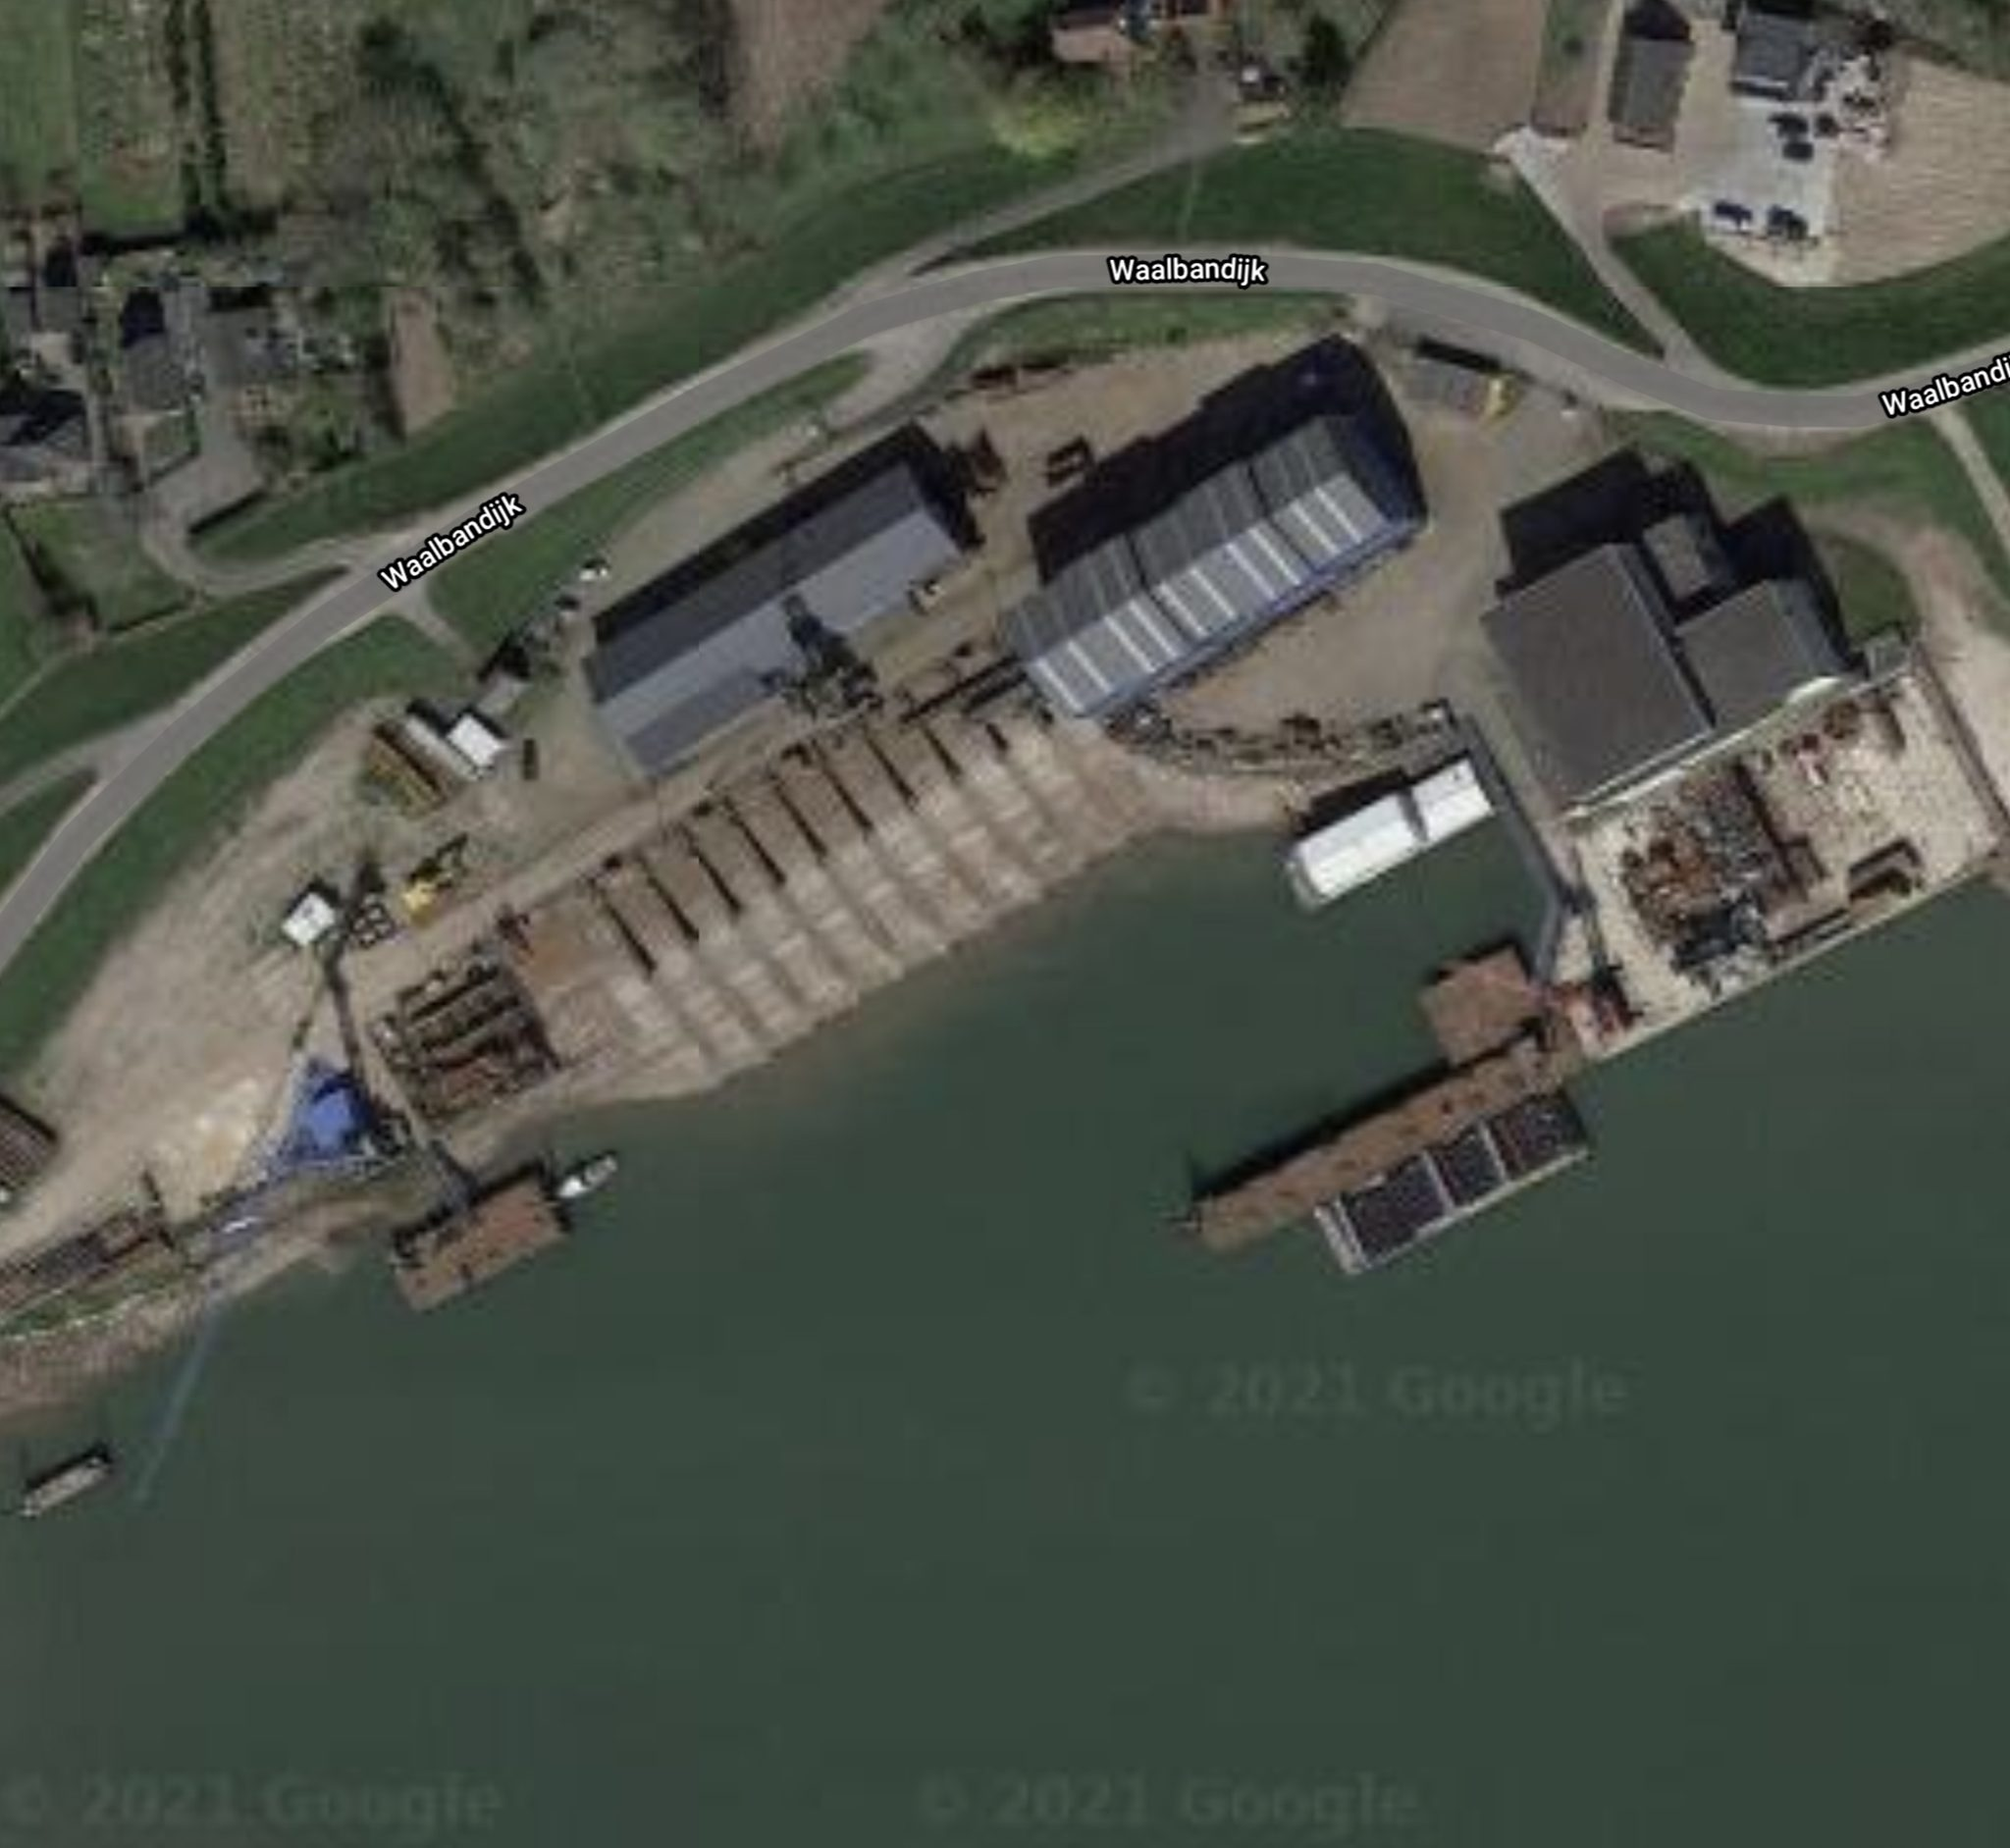 Het COA wil dat in de haven van de voormalige Scheepswerf Doodewaard 300 tot 400 vluchtelingen op twee riviercruiseschepen worden gehuisvest. (Foto Google Maps)